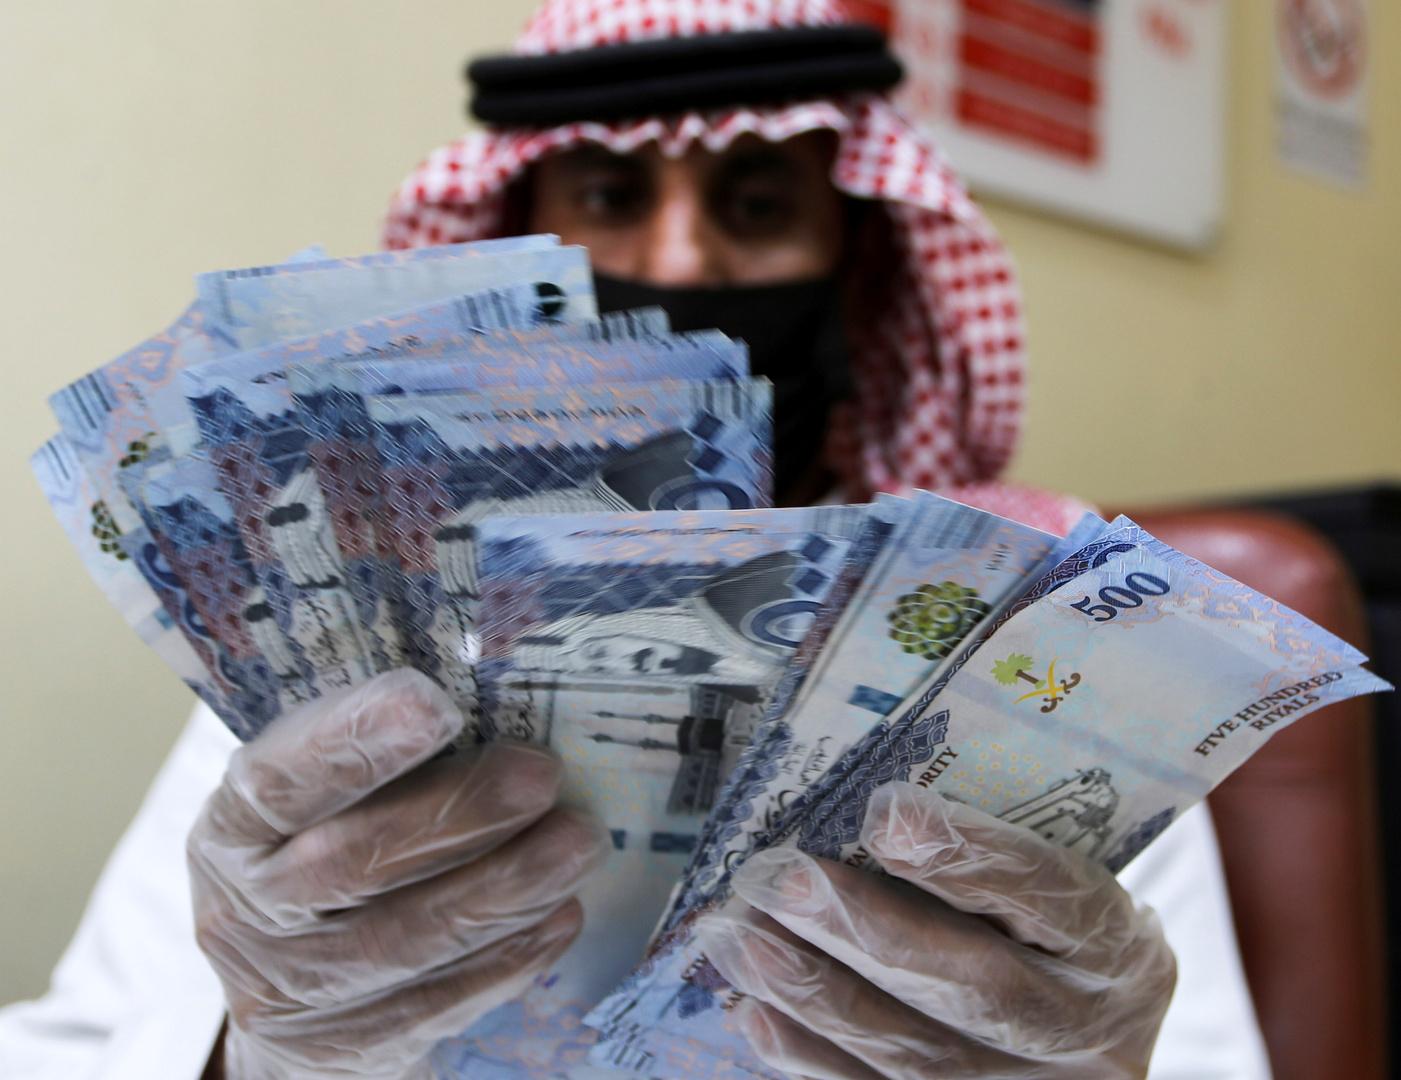 السعودية تبيع صكوكا بنحو 15 مليار ريال